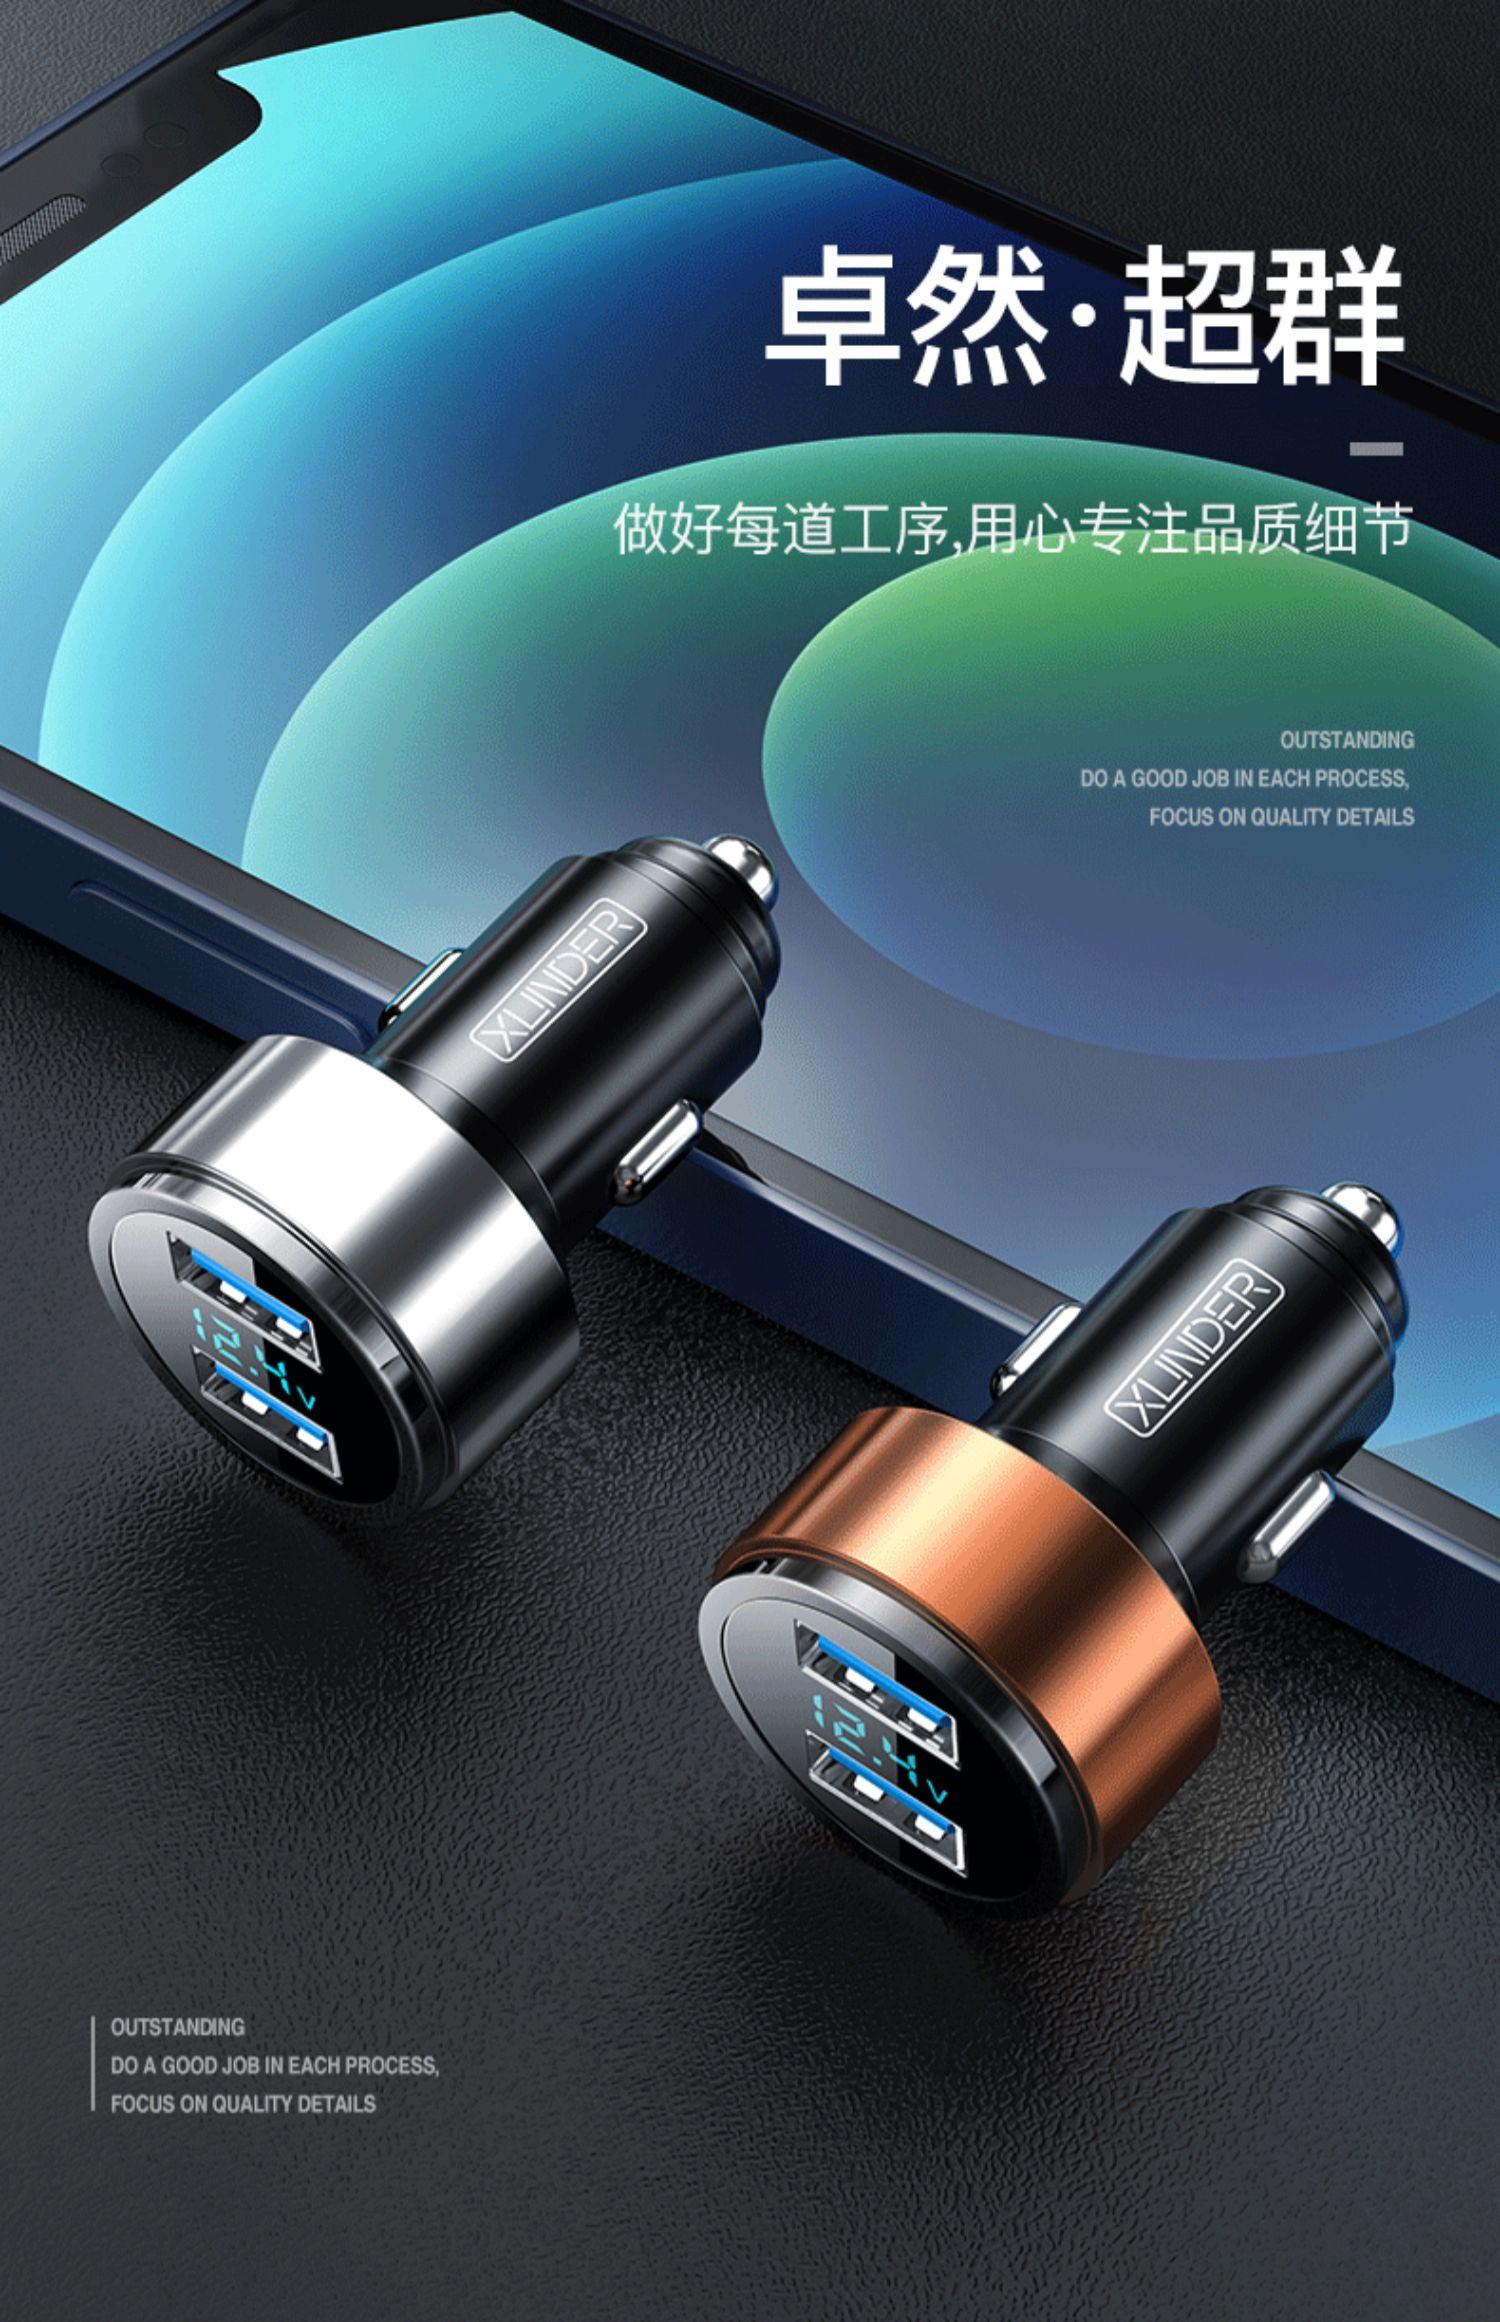 【高端】智能快充双USB车载充电器点烟器